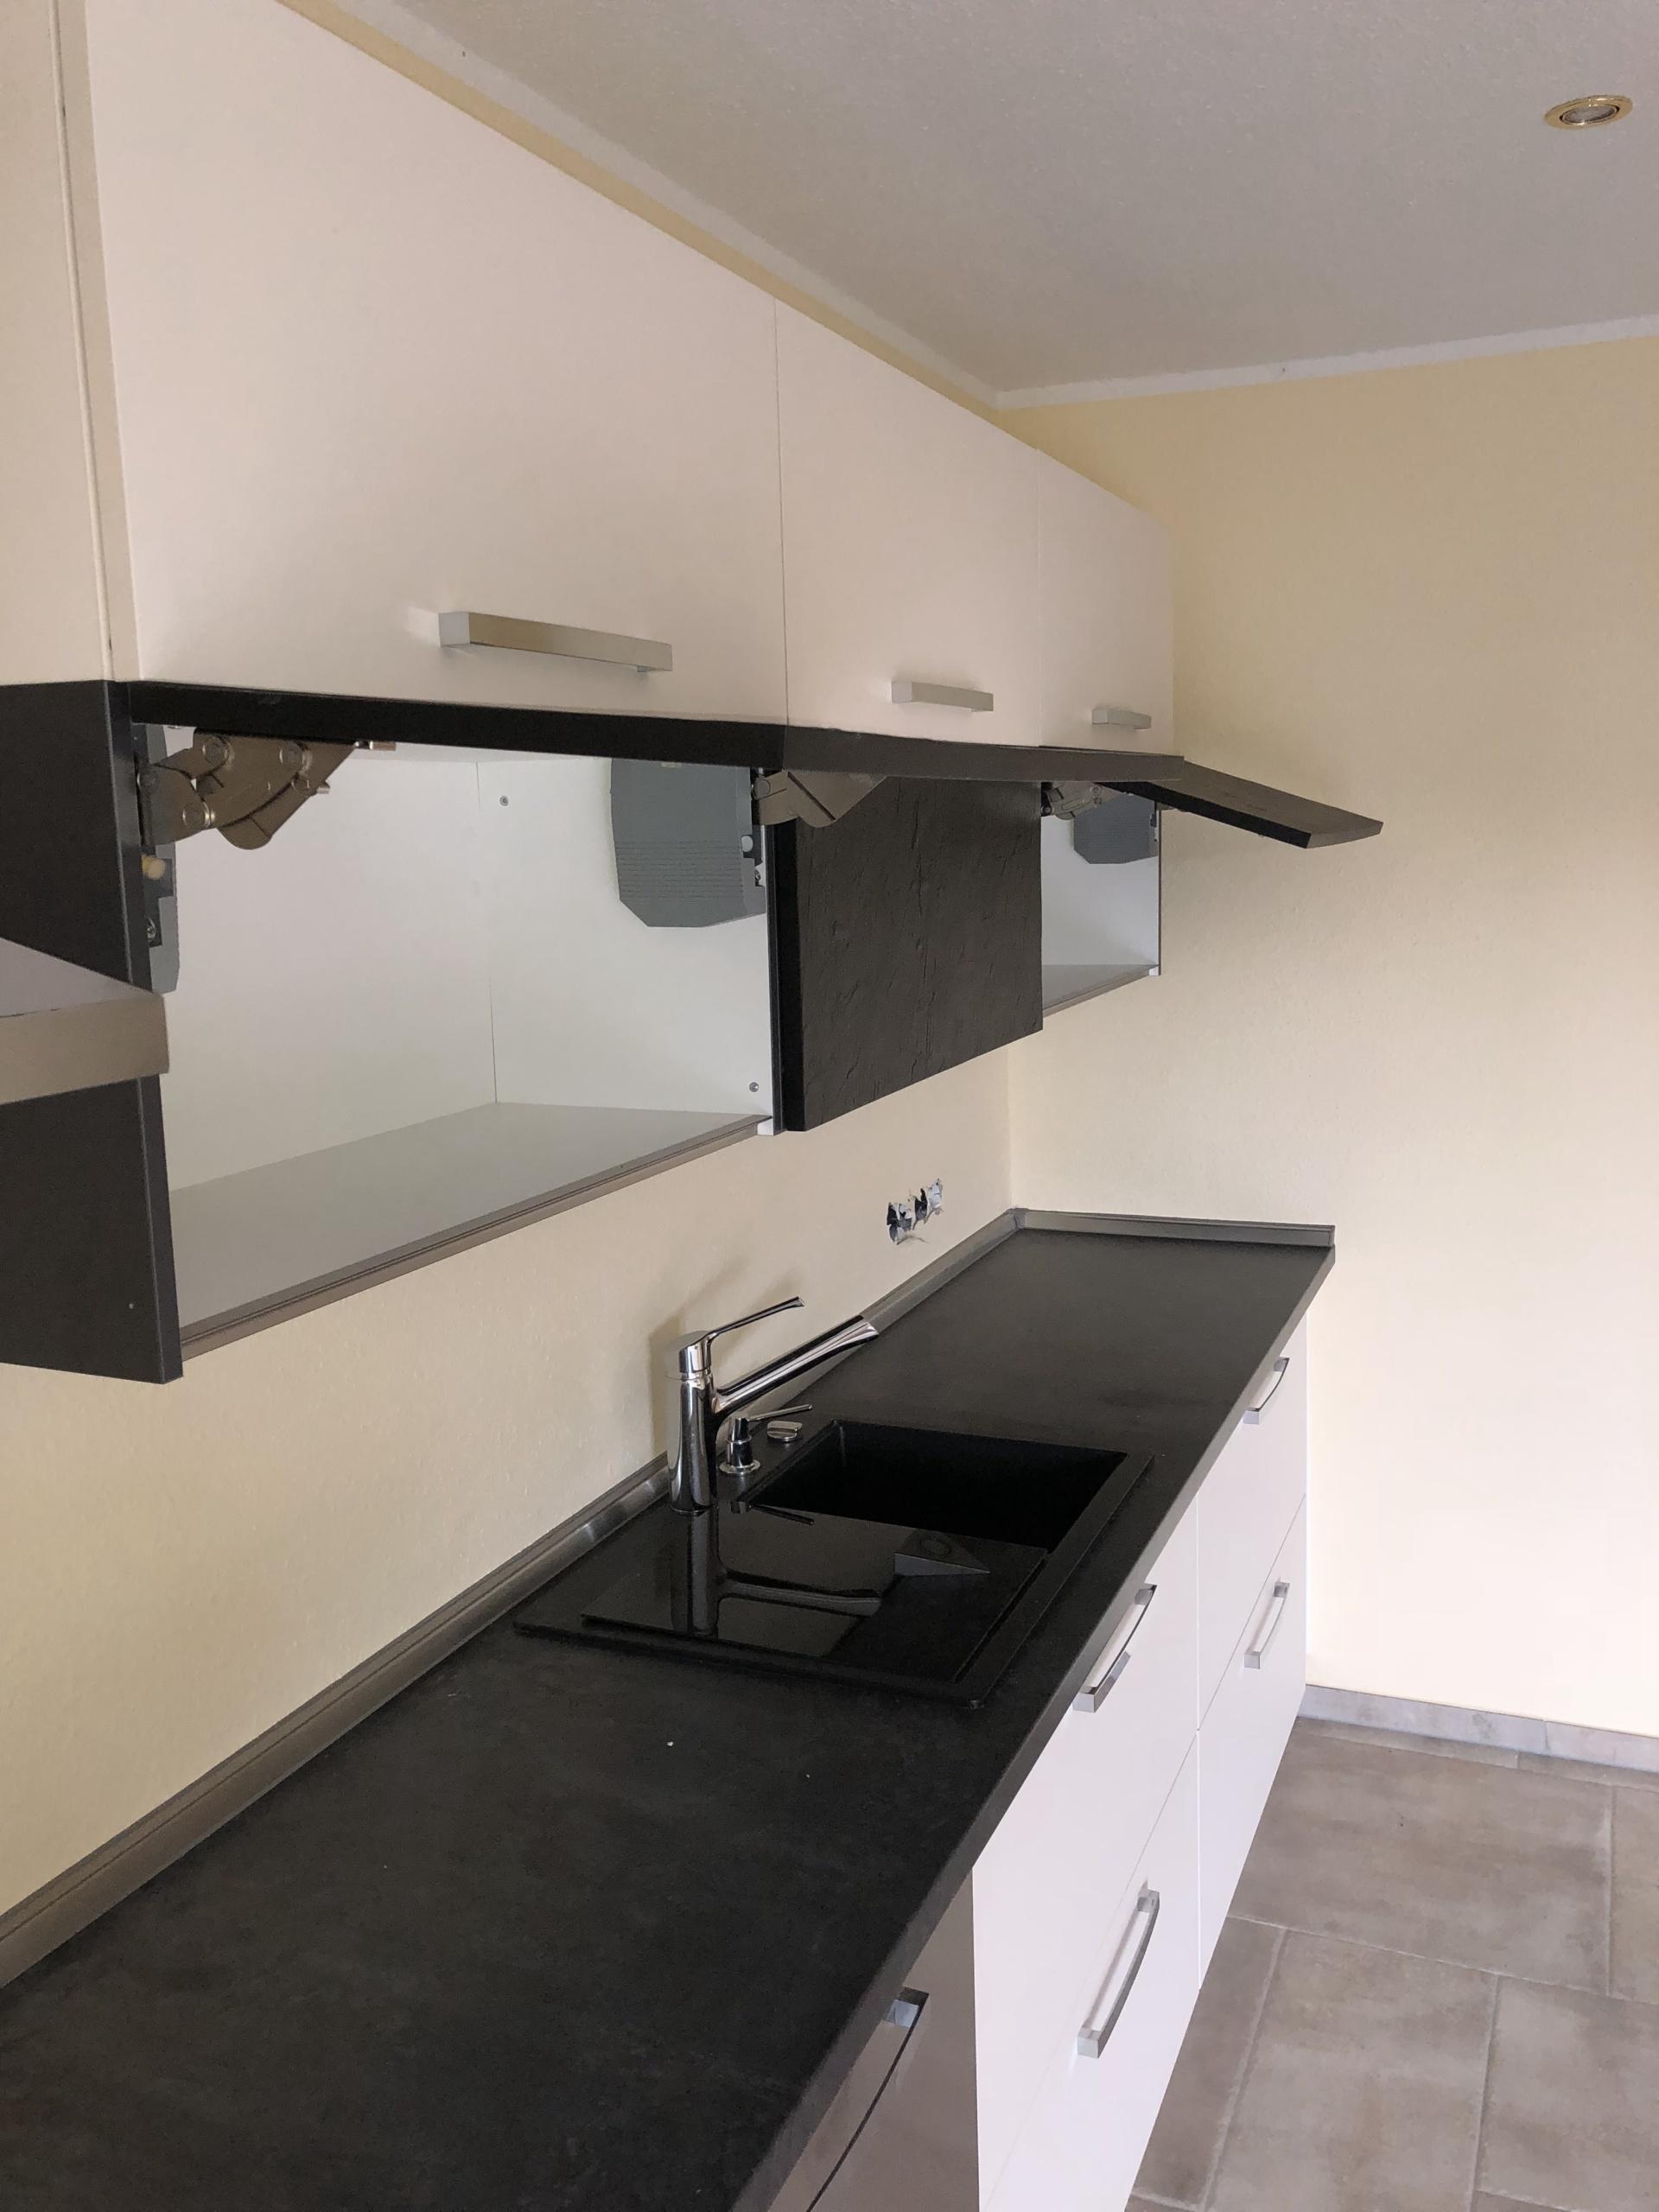 Küchenzeile-Klapphängger-geöffnet